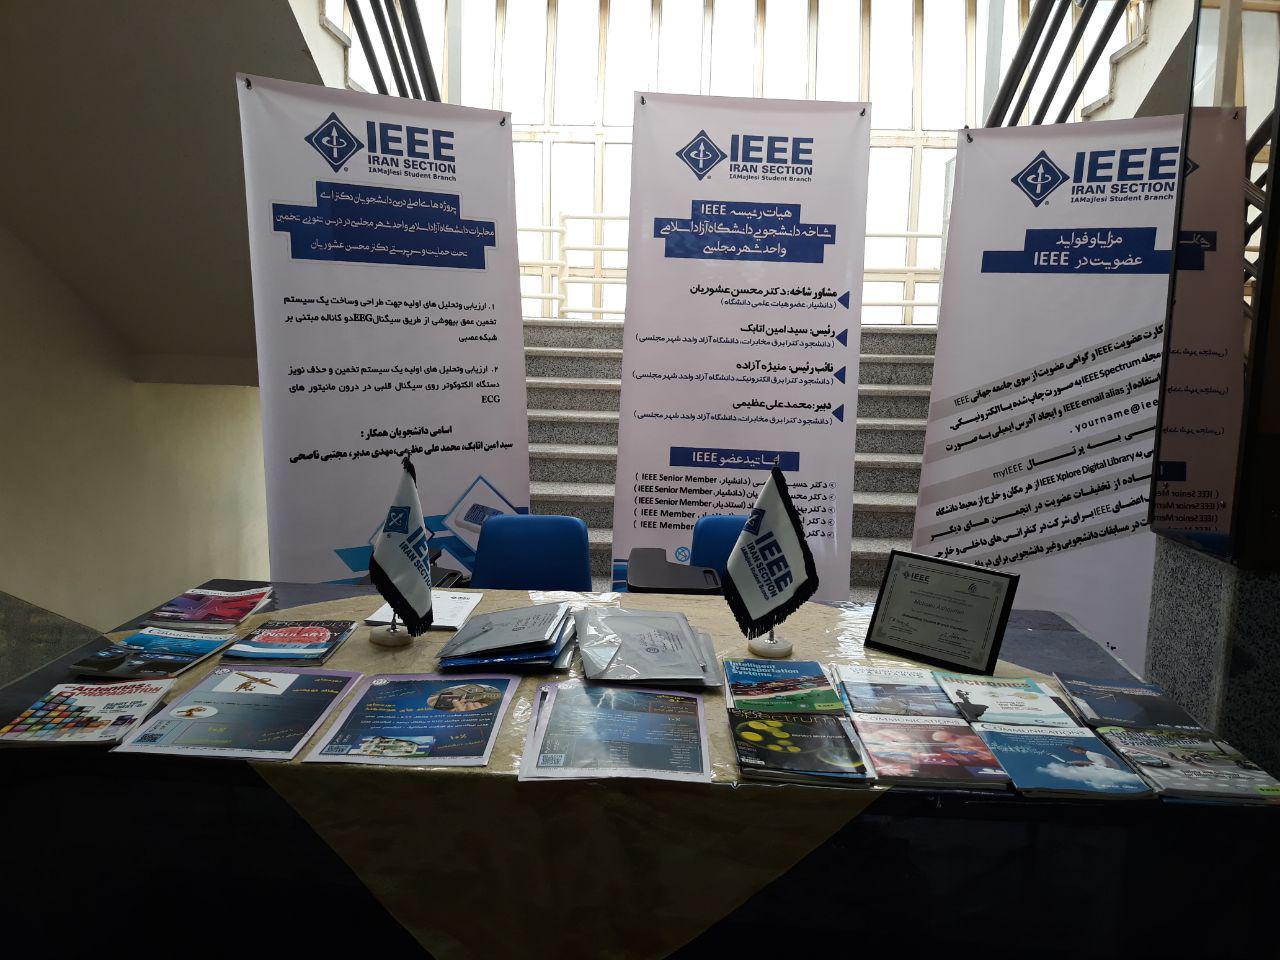 میز توسعه عضویت و معرفی IEEE ، شاخه دانشجویی IEEE دانشگاه آزاد اسلامی واحد شهر مجلسی